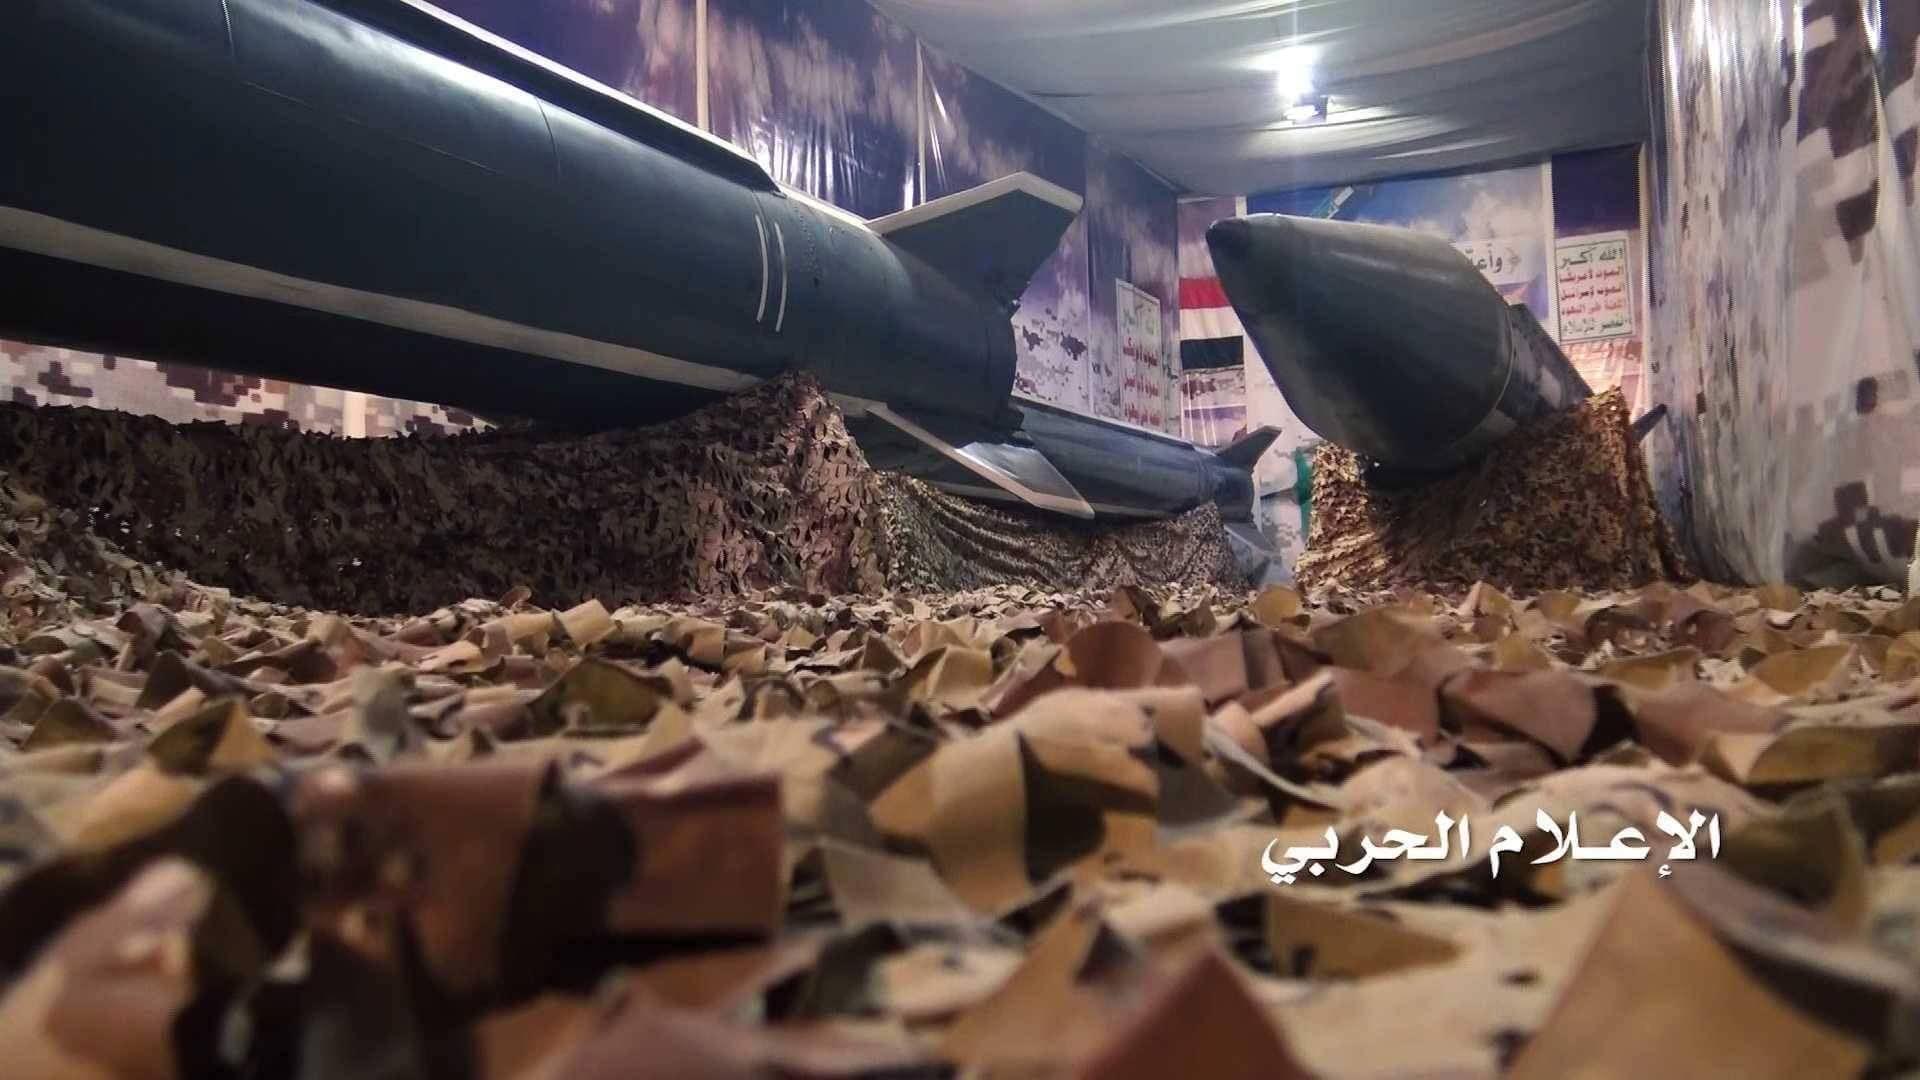 سندی درباره ایرانی بودن موشک یمنی وجود ندارد